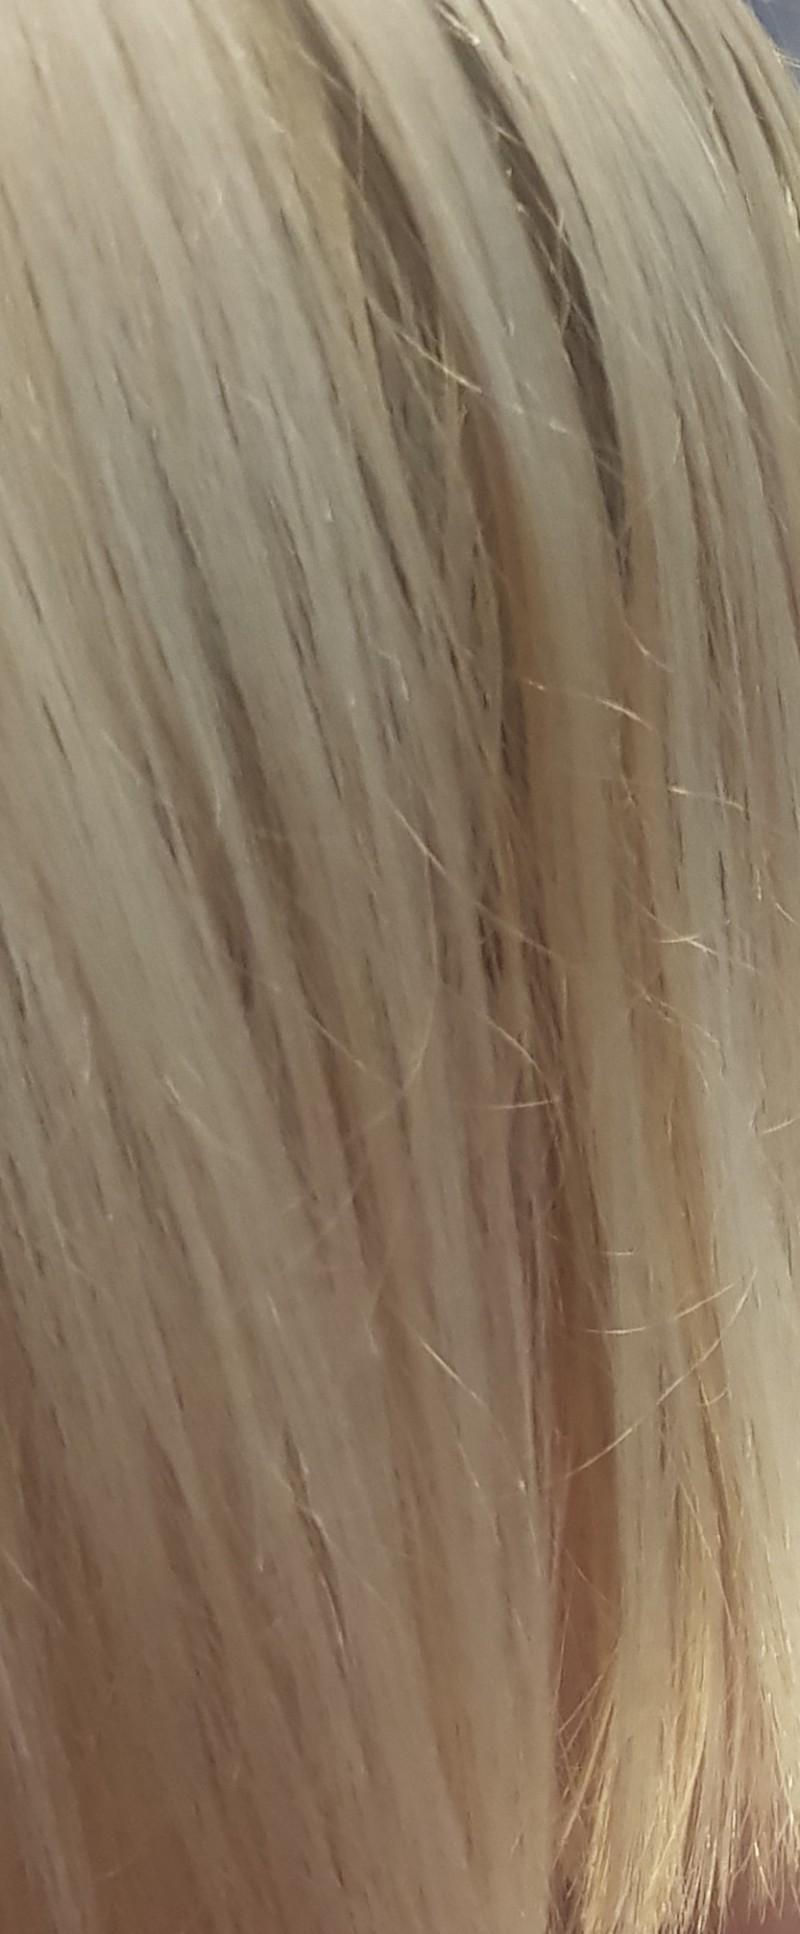 Про испорченные волосы вопрос